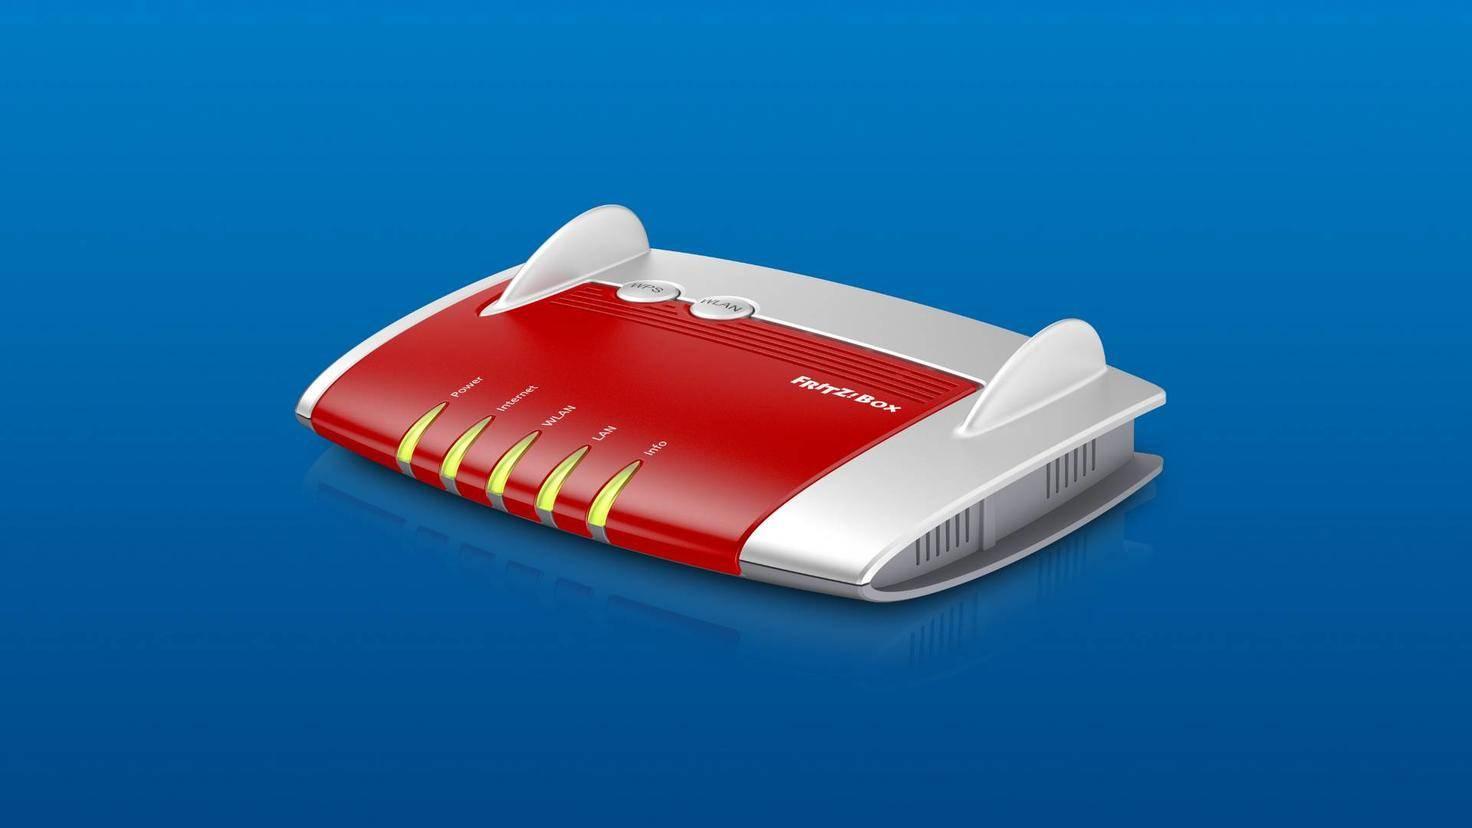 Bei der Fritzbox 4020 wird nur das 2,4-GHz-Band unterstützt.